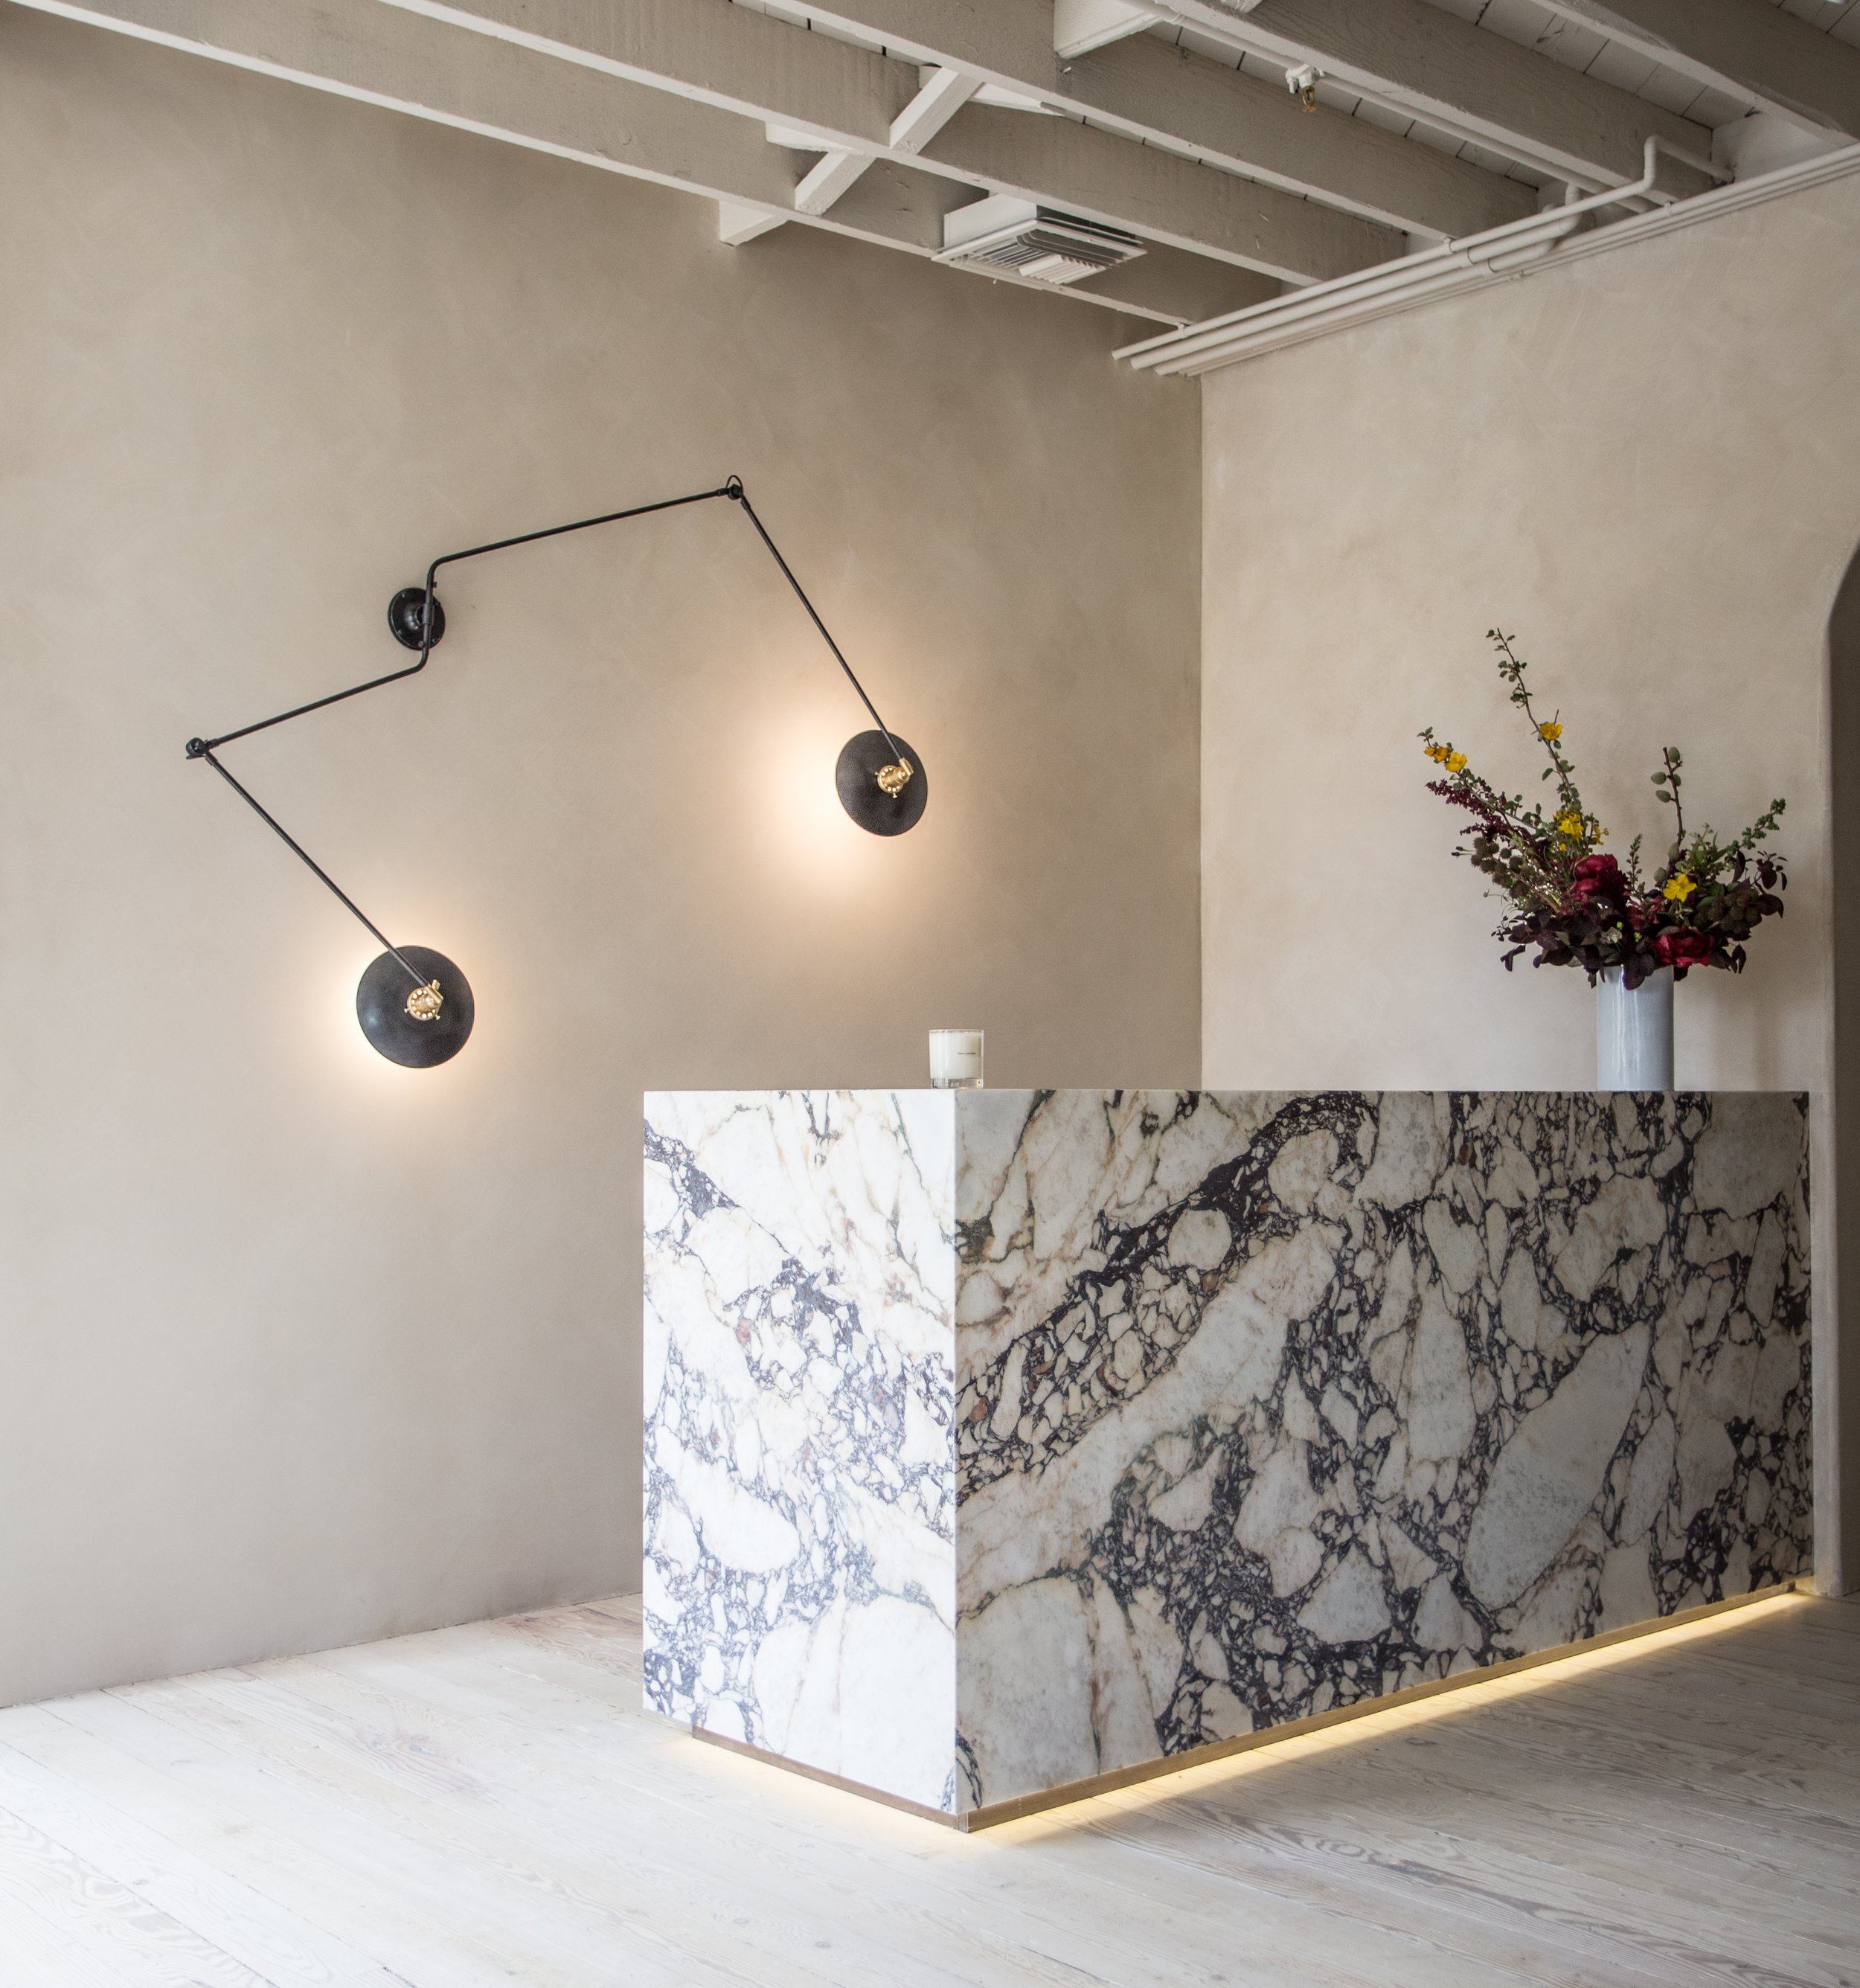 ROSE & IVY A Peak Inside | Esthetician Shani Darden New LA Studio